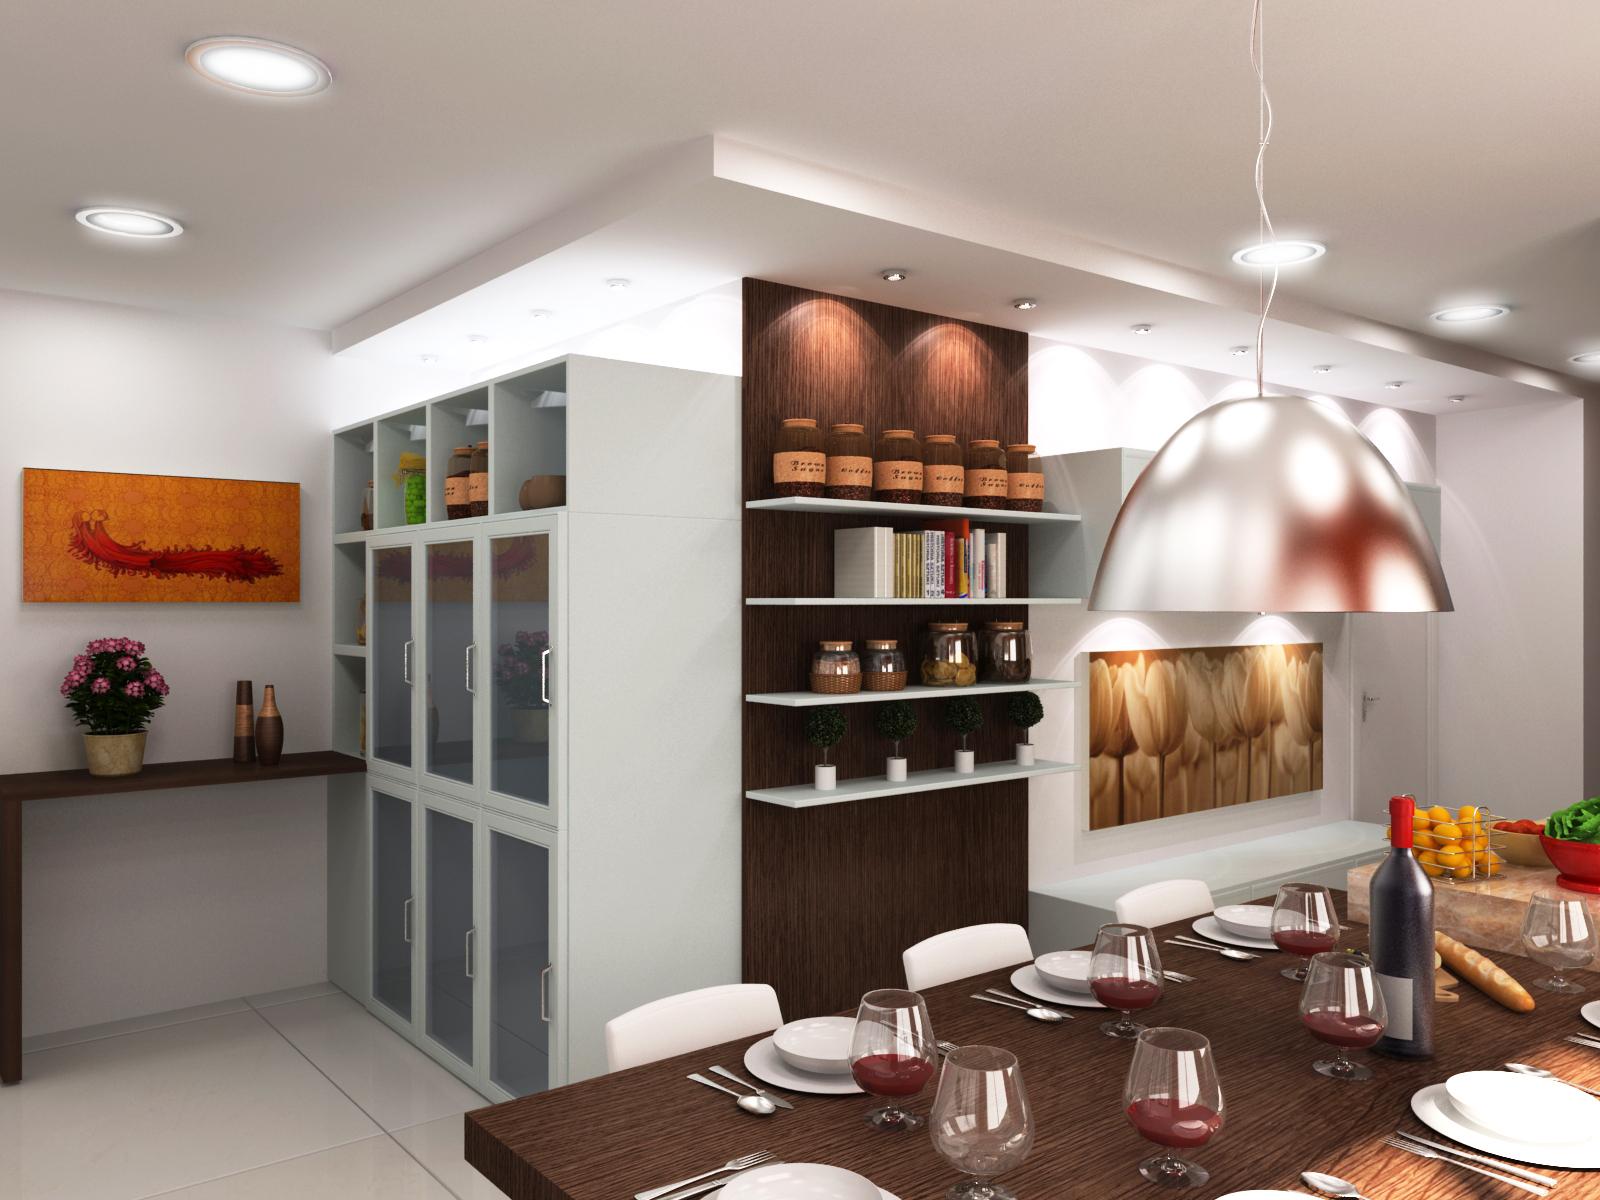 NA Arquitetura e Design de Interiores: RESIDENCIAL Cozinha #B64415 1600 1200